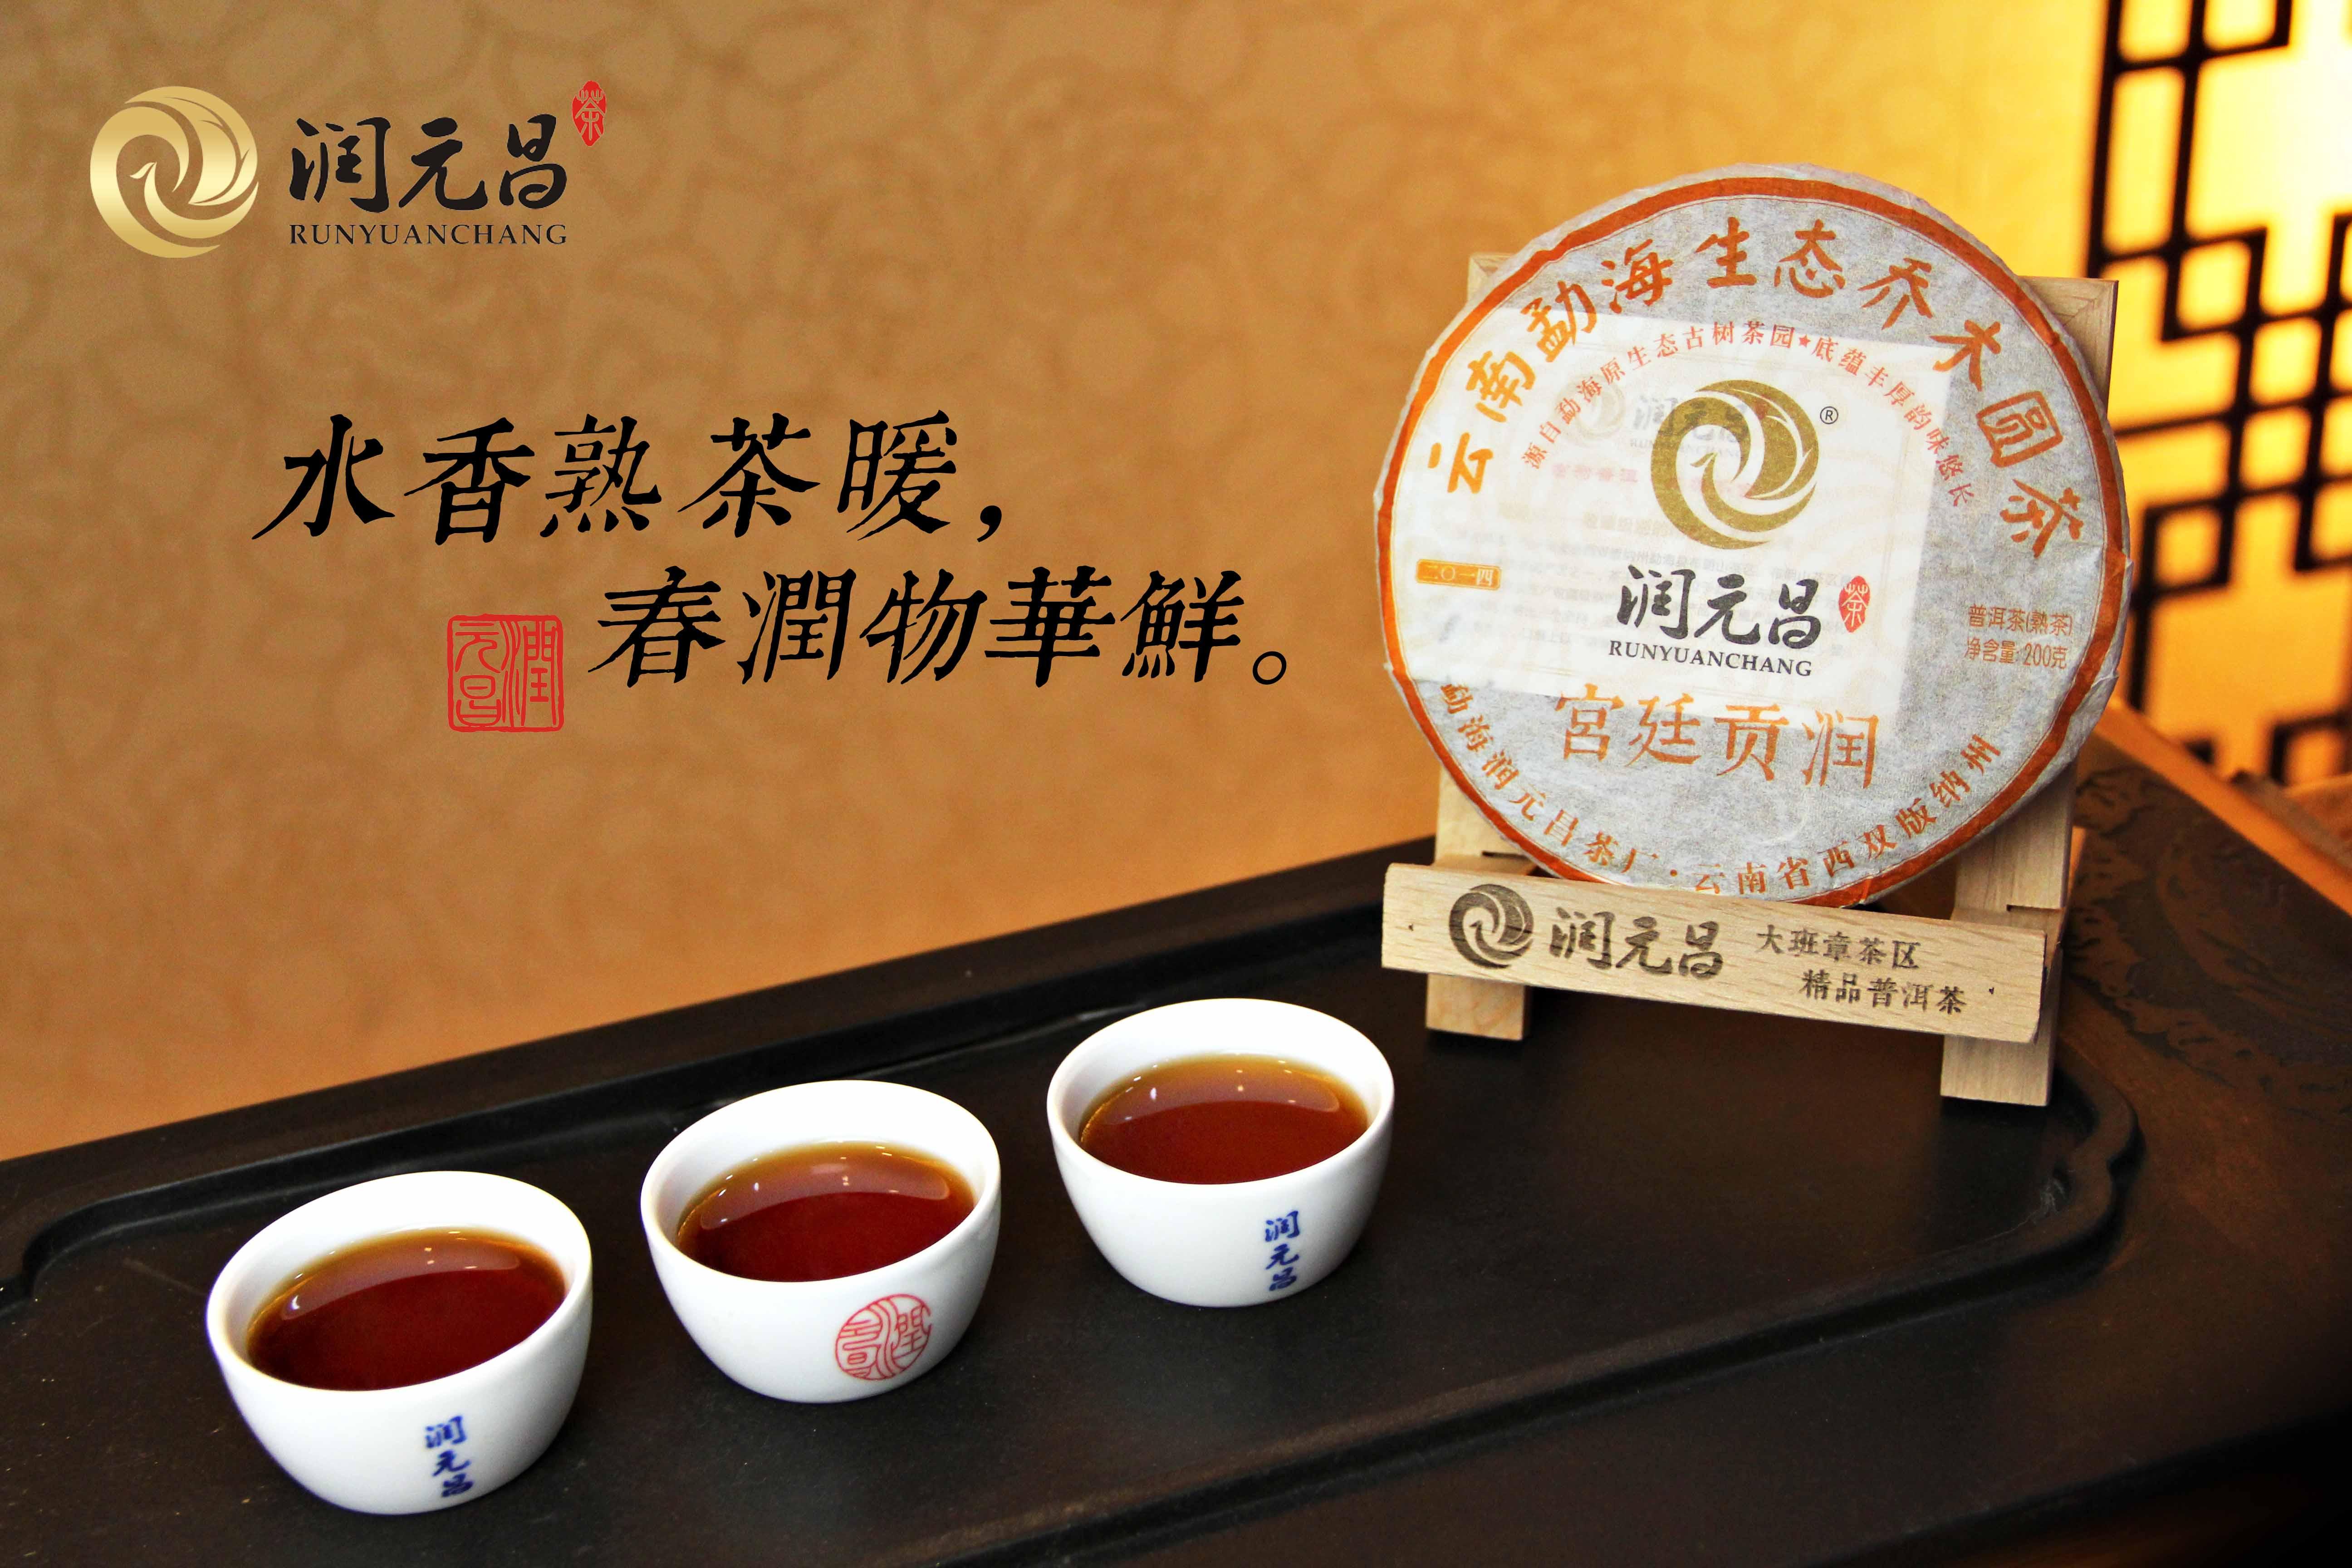 水香熟茶暖,春潤物華鮮